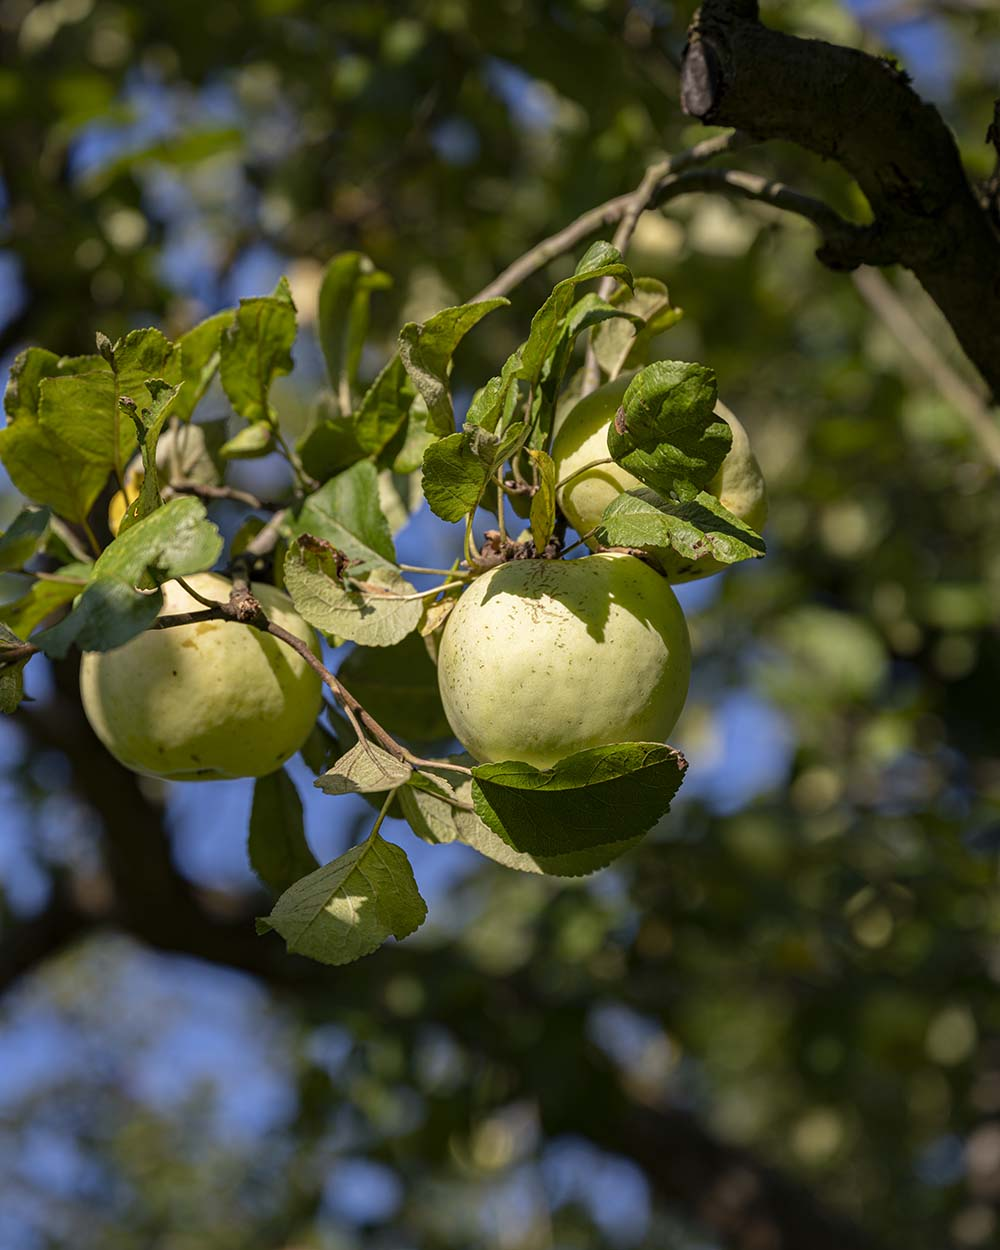 Wir haben den Hof Gu Rothenhausen besucht und Henning bei der Ernte der Äpfel begleitet. Das Foto zeigt zwei Äpfel am Baum.